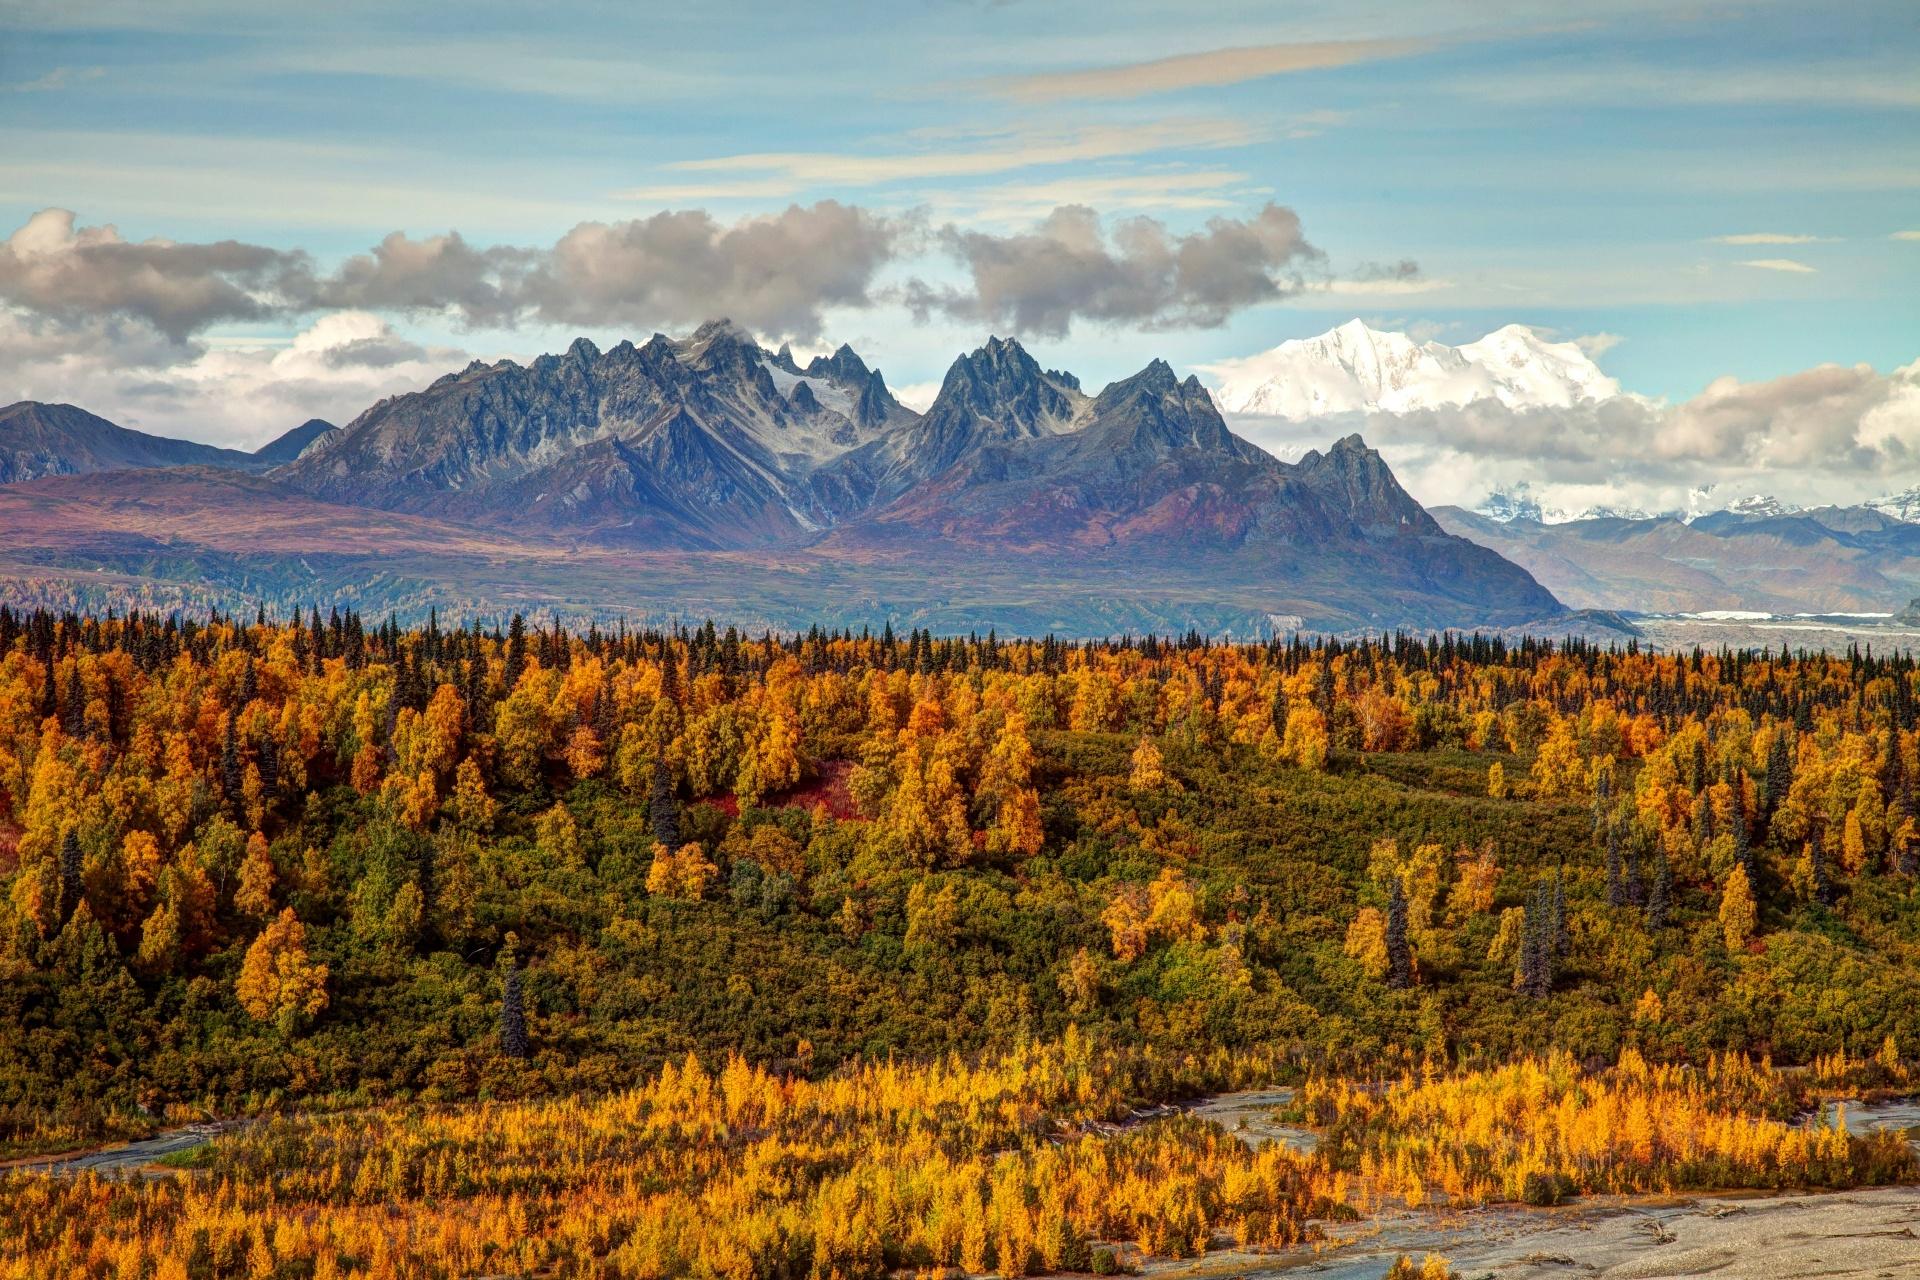 秋のアラスカの風景 アメリカの風景